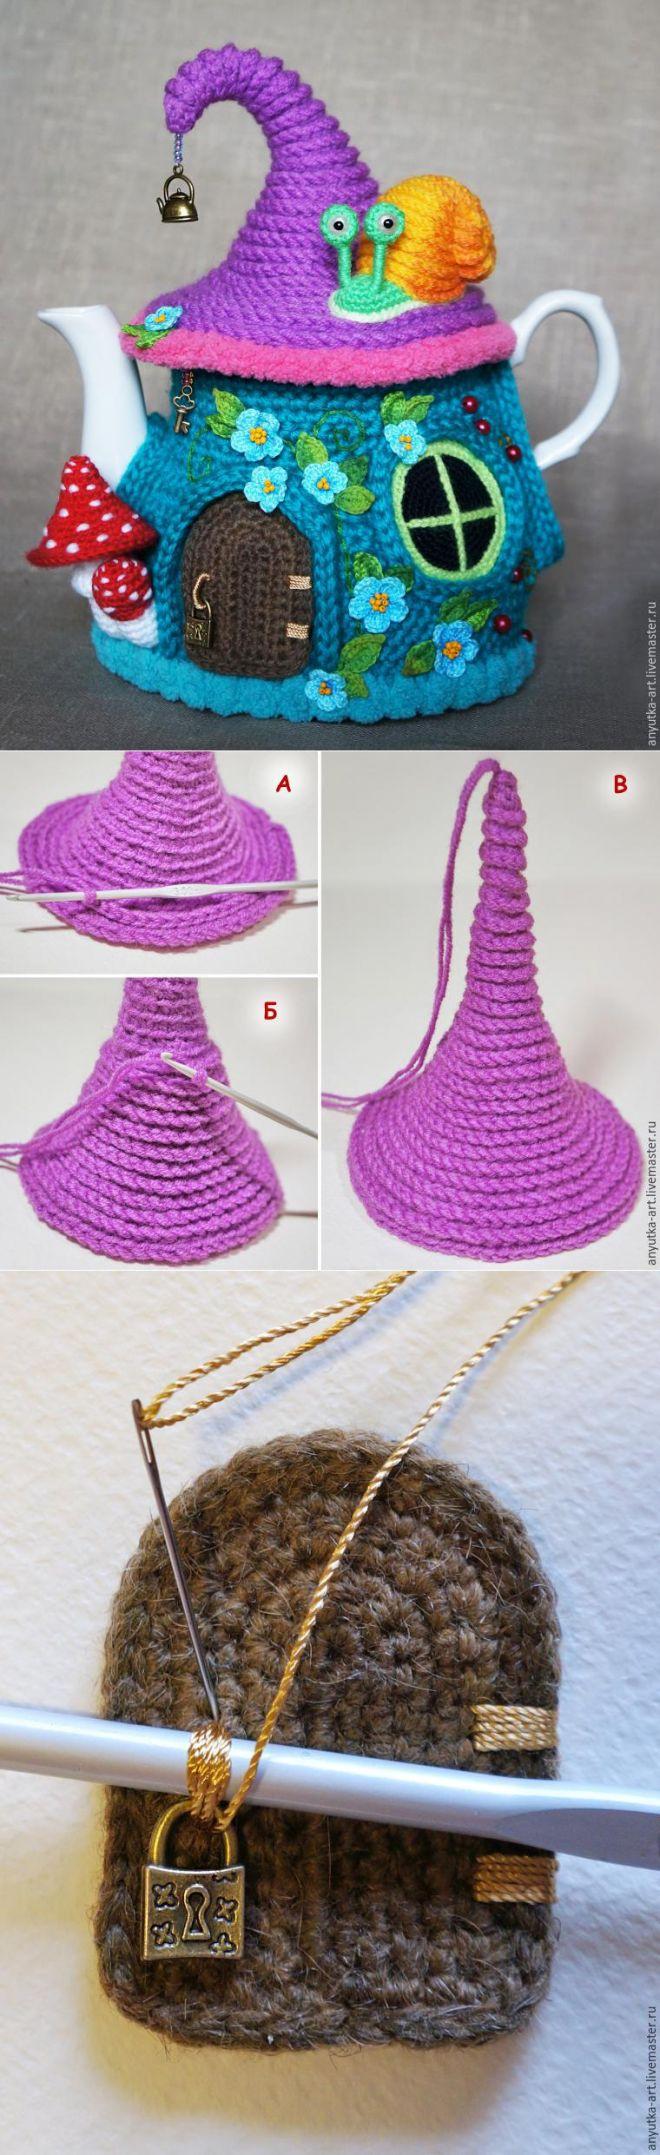 Вязание крючком сказочный домик